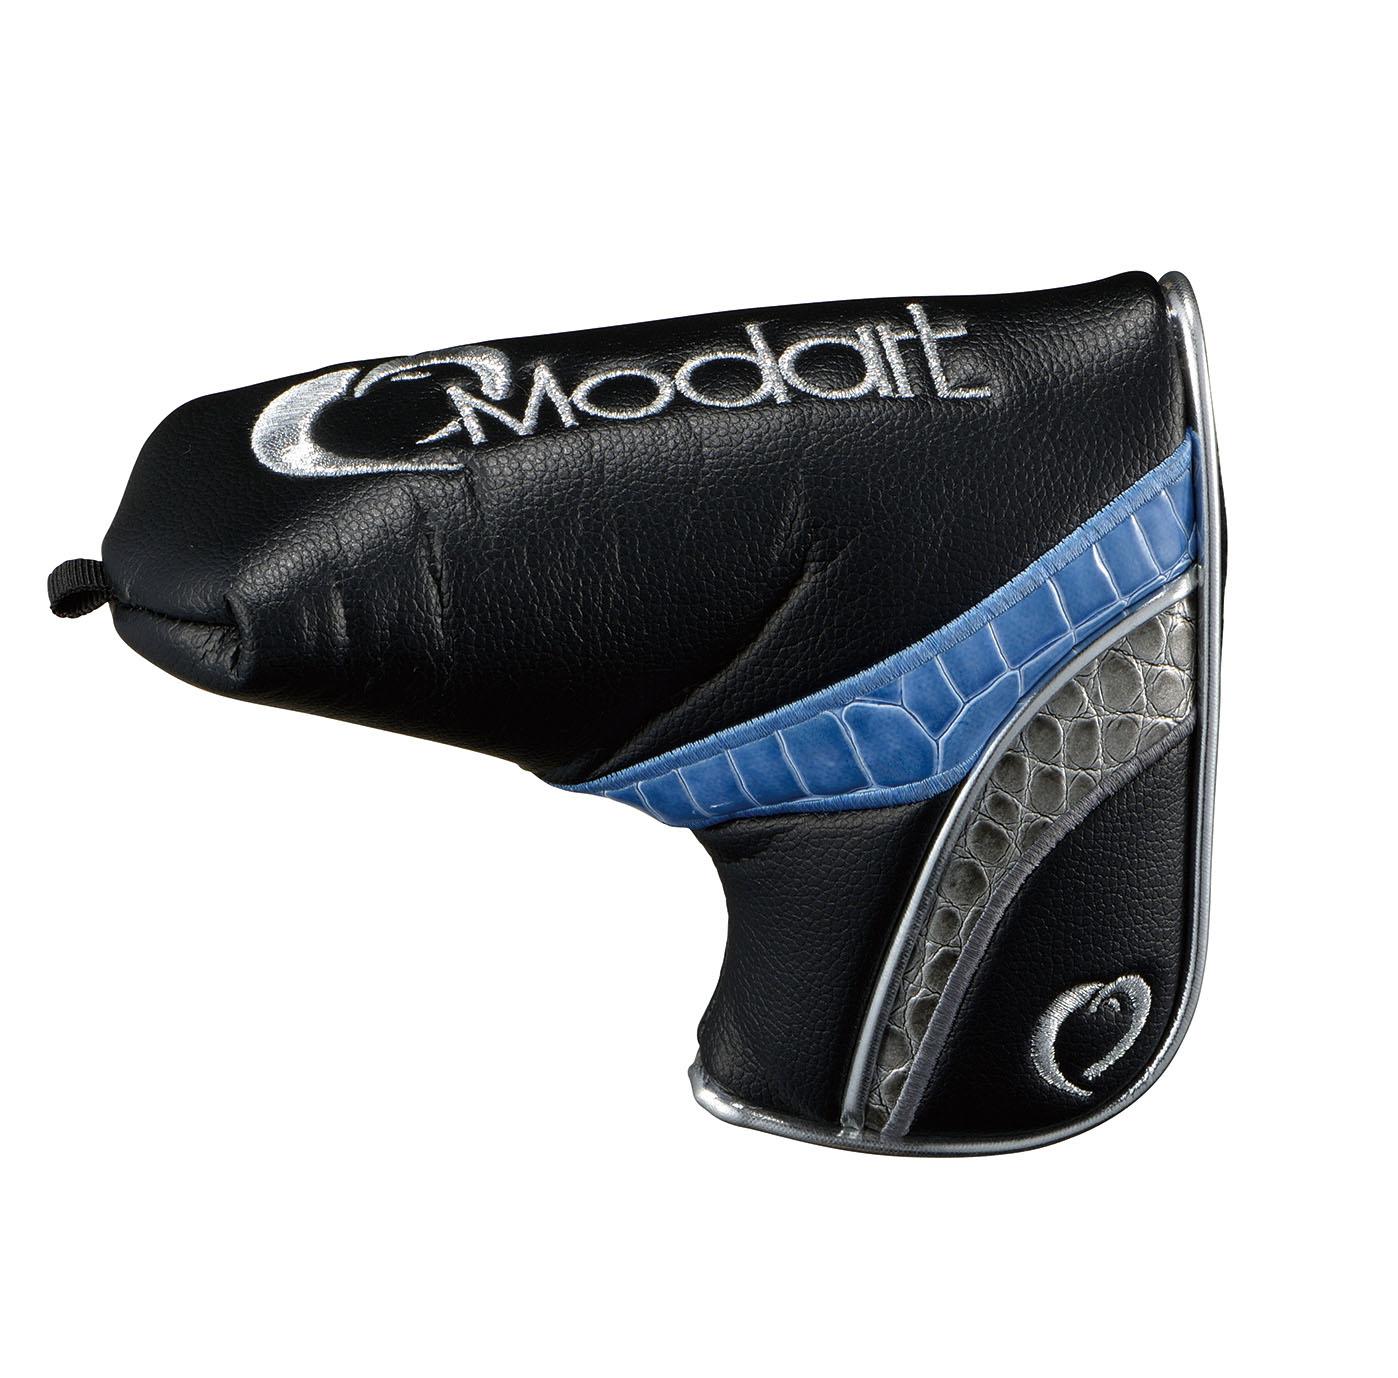 Modart Blade Putter Cover HCAP13